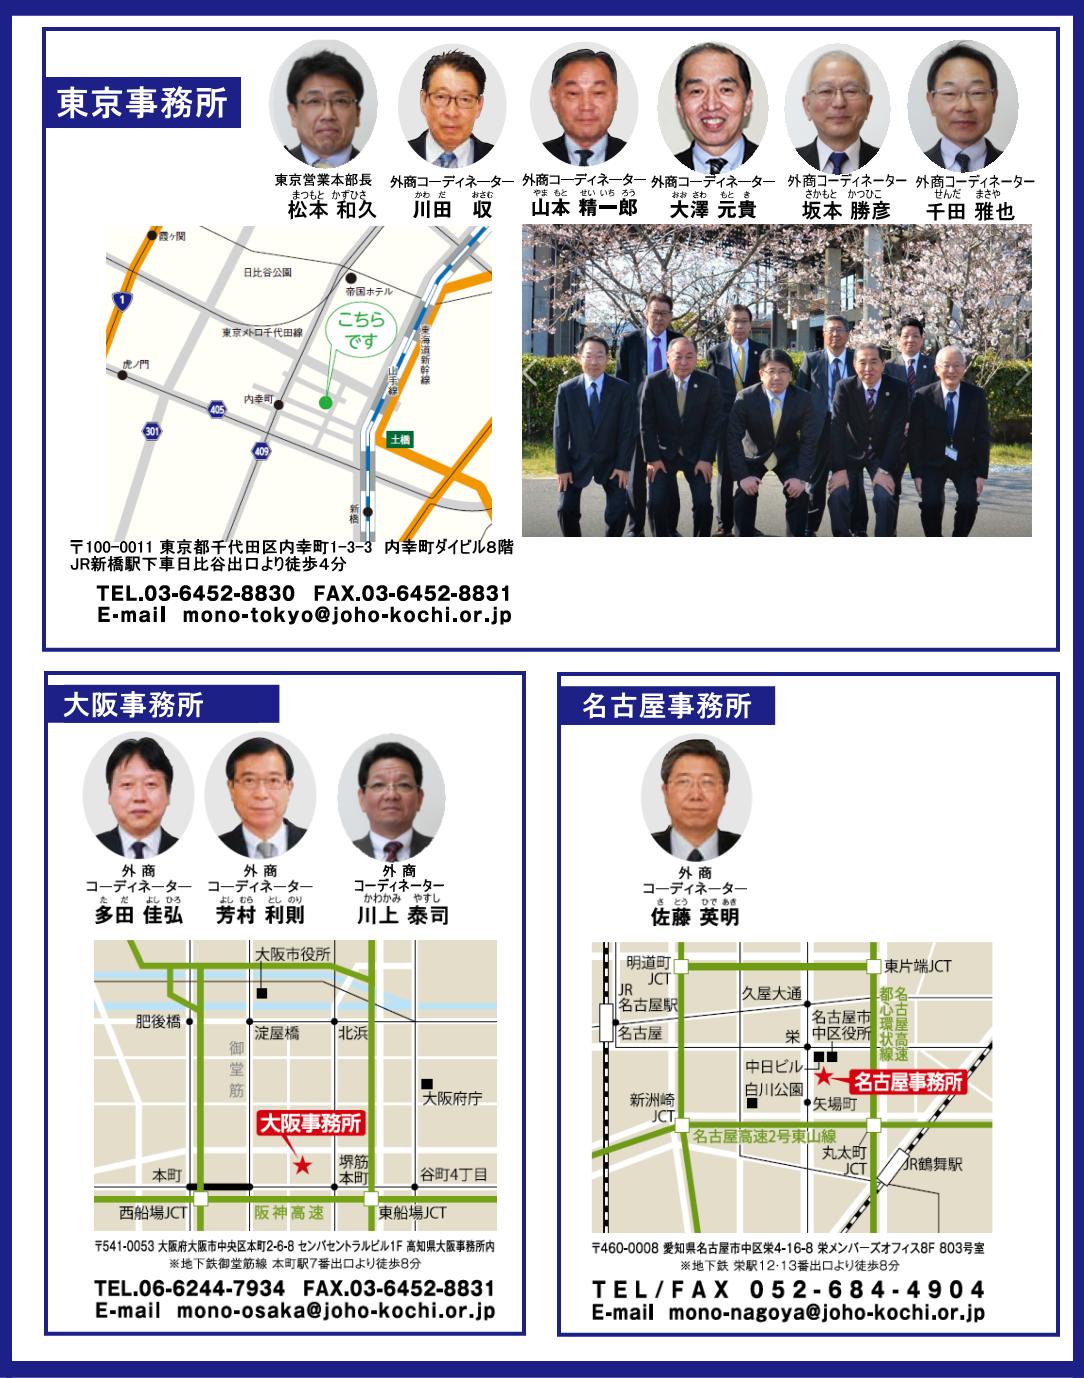 東京営業本部メンバー